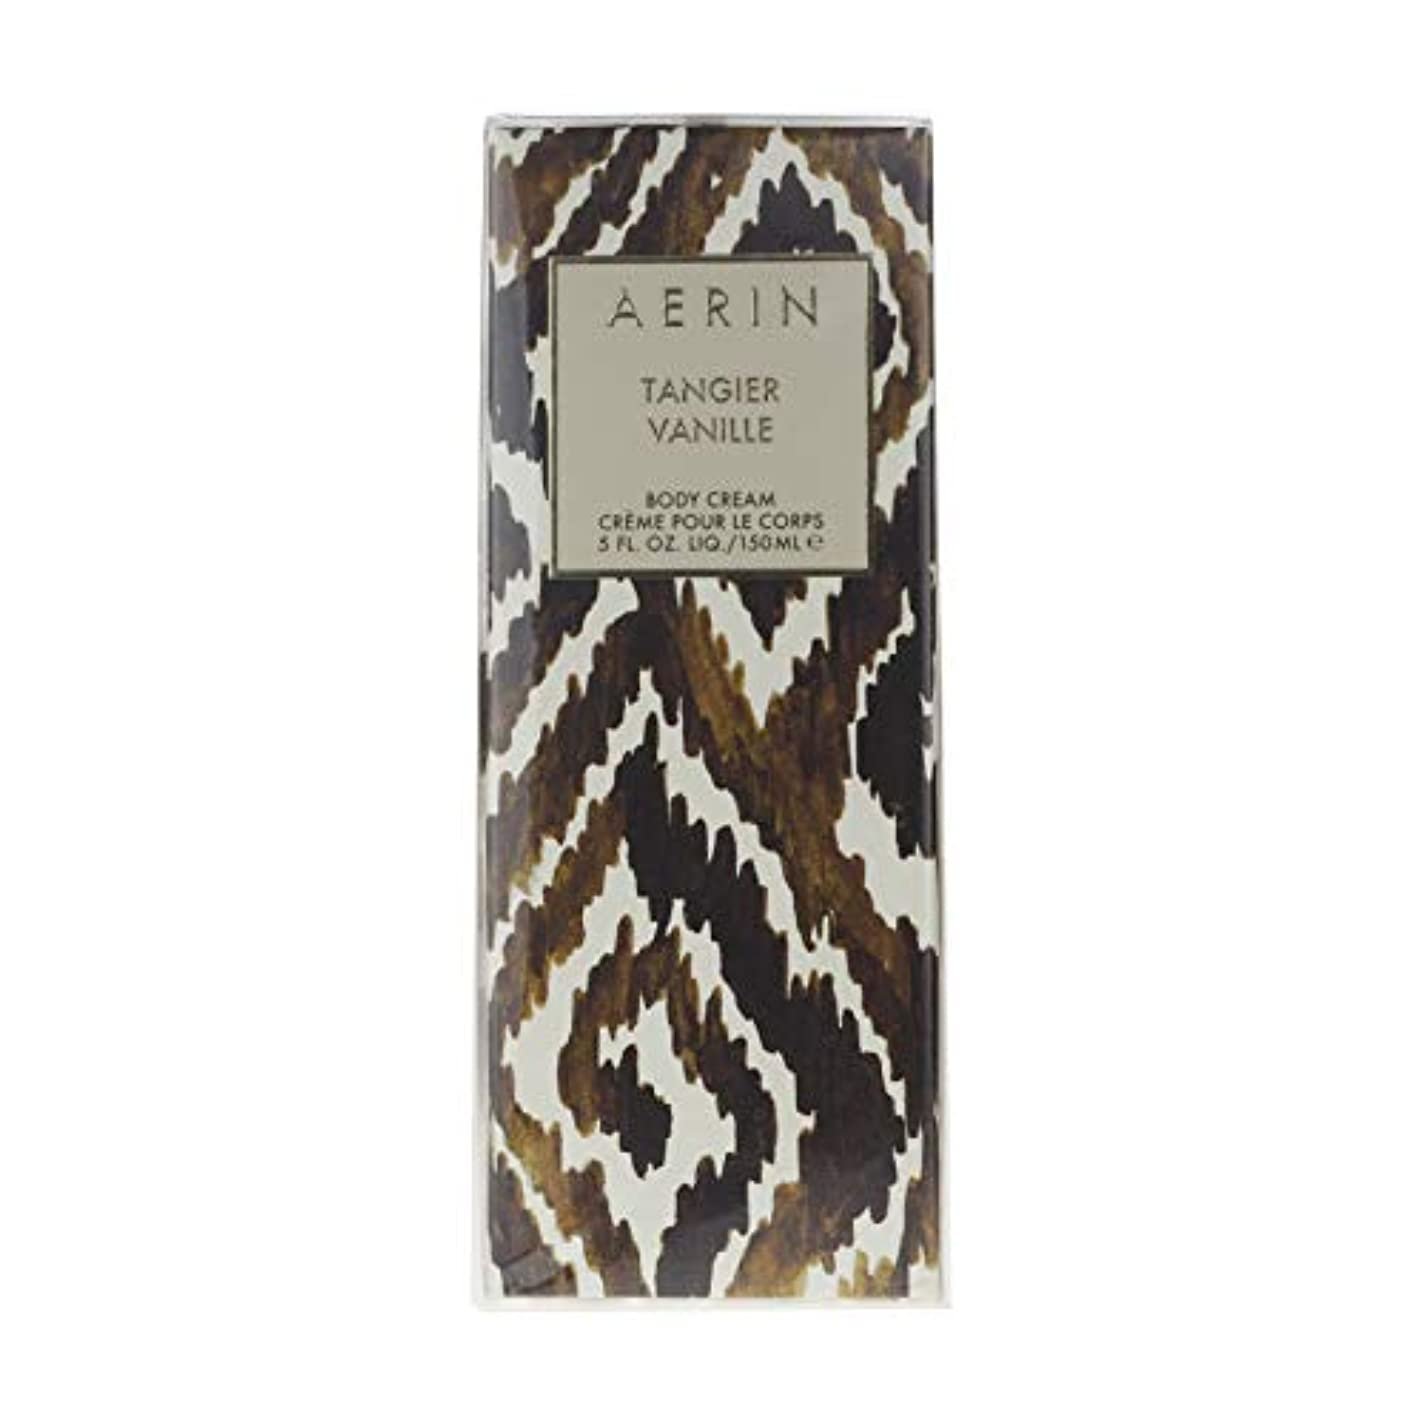 可能にするベッドなくなるAERIN Tangier Vanille (アエリン タンジヤー バニール) 5.0 oz (150ml) Body Cream by Estee Lauder for Women